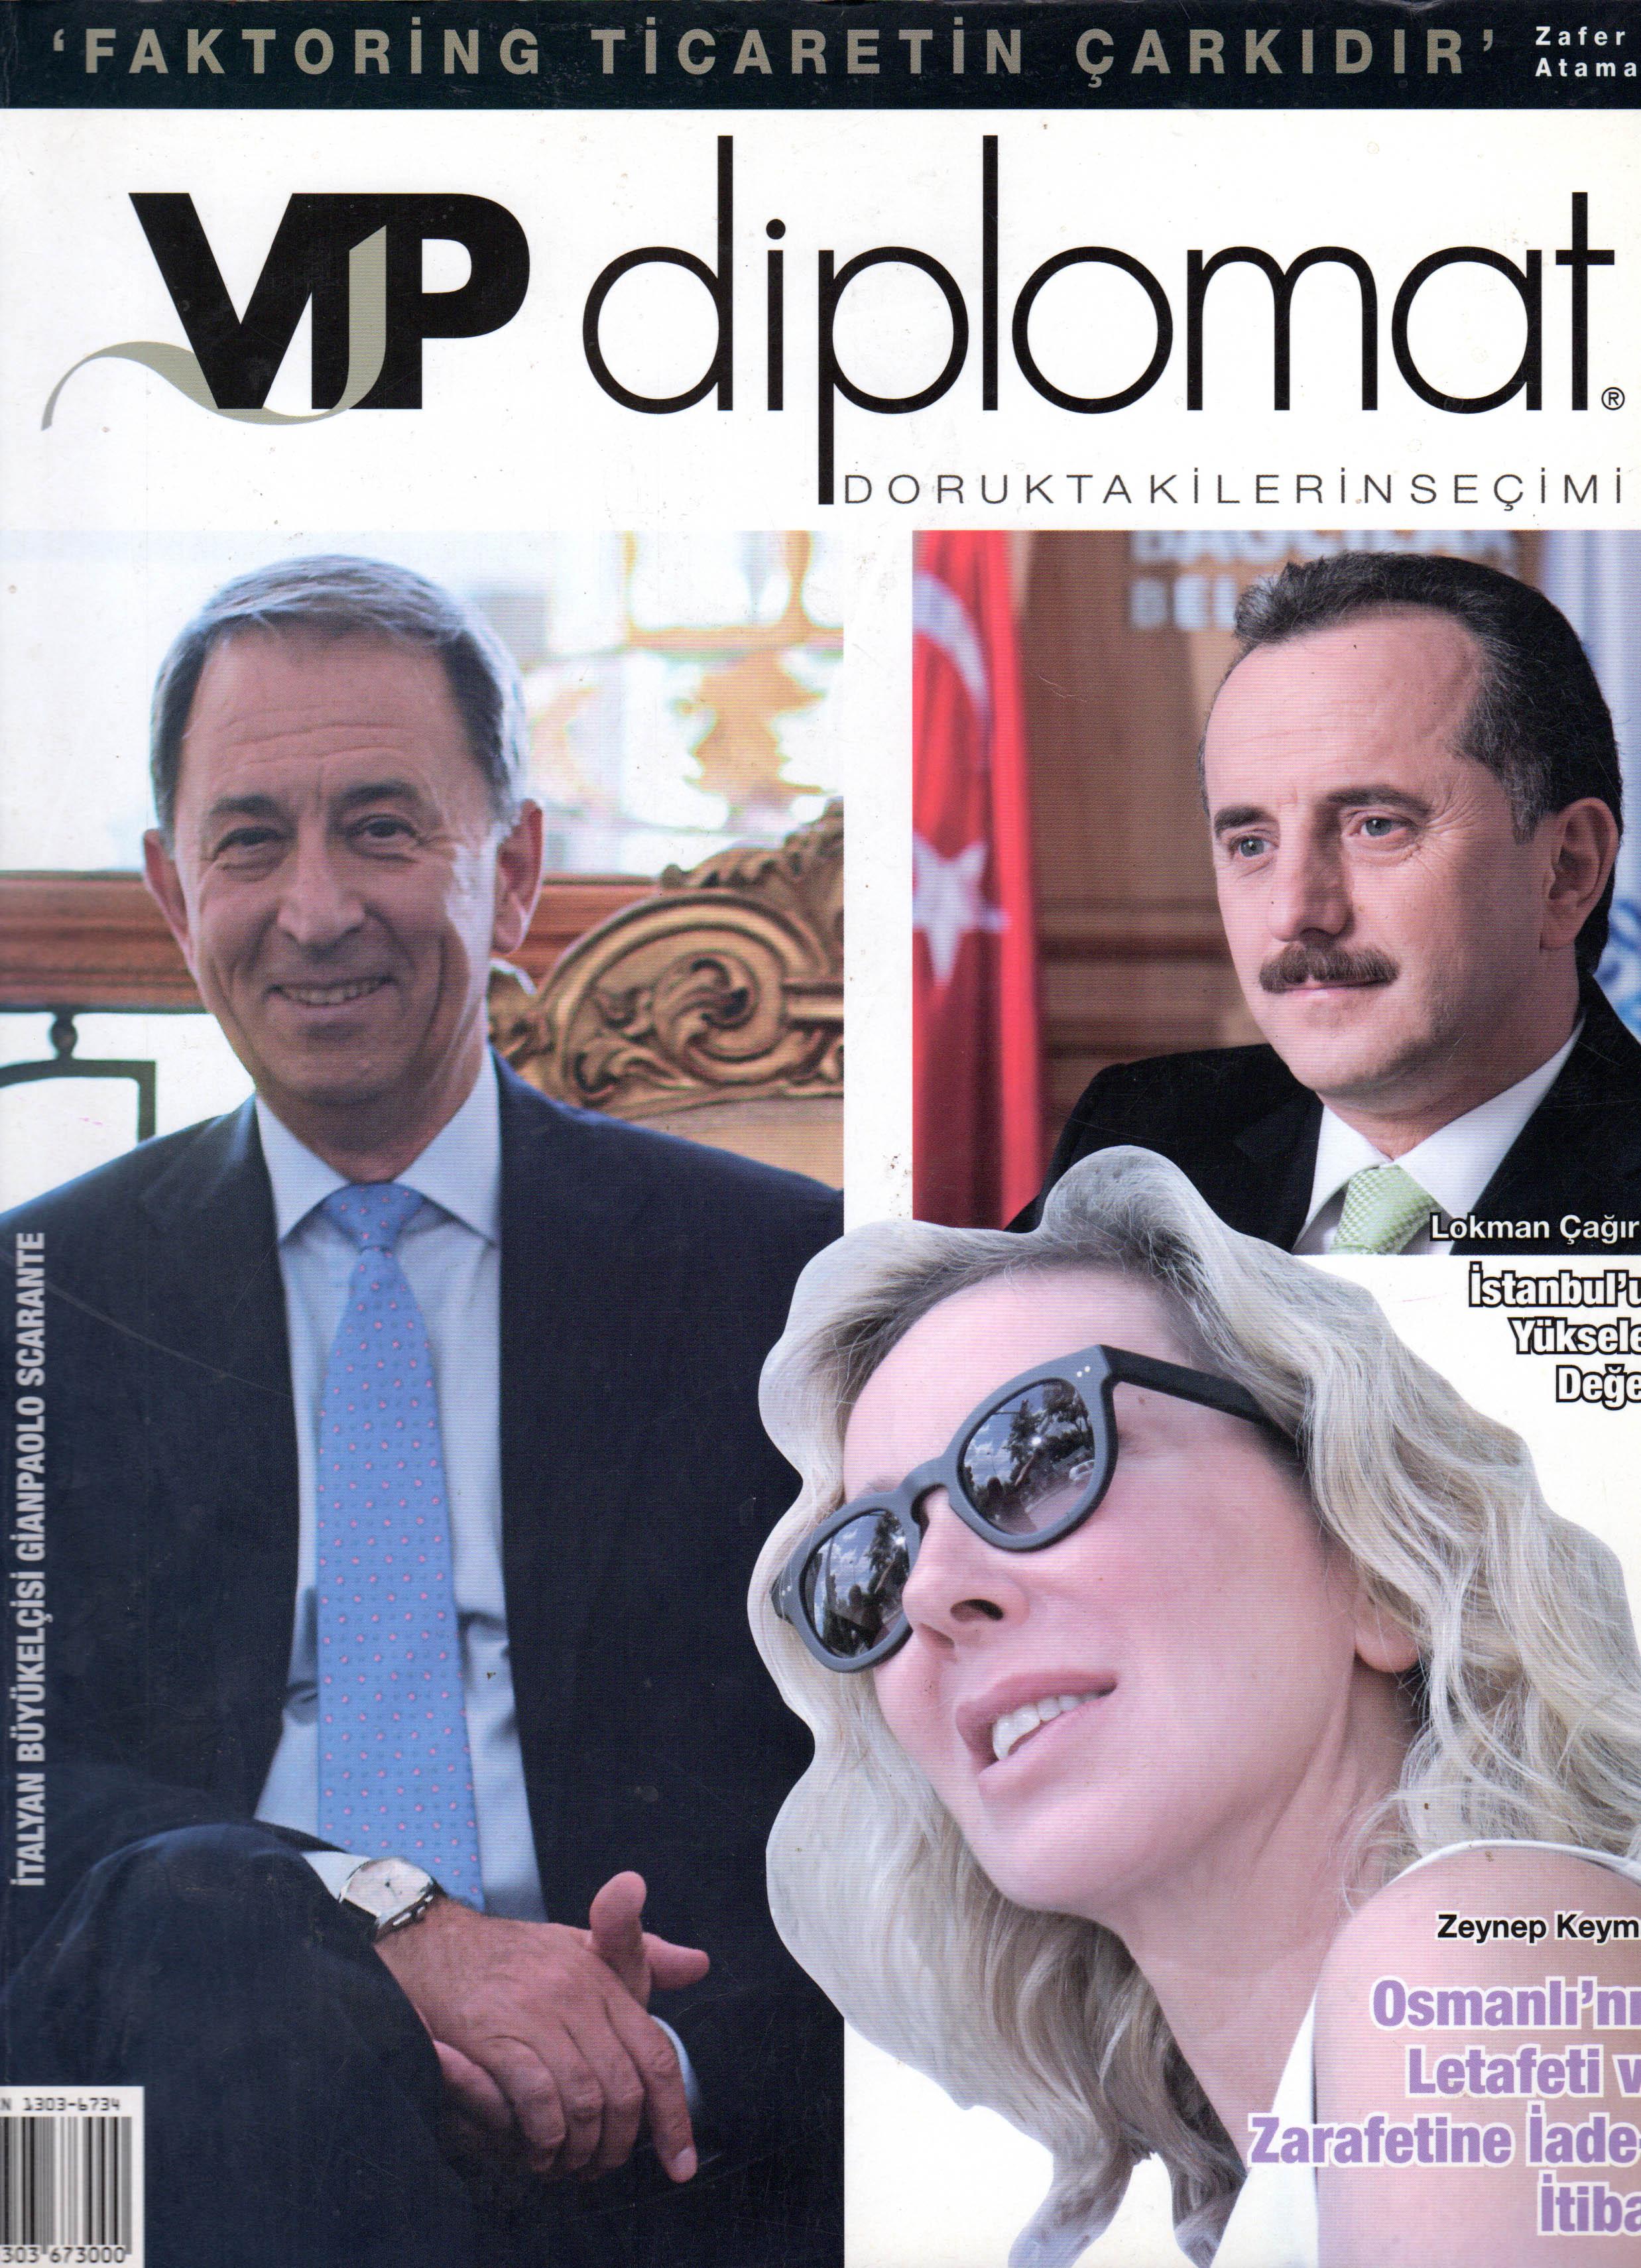 VIP diplomat cover_2012.09